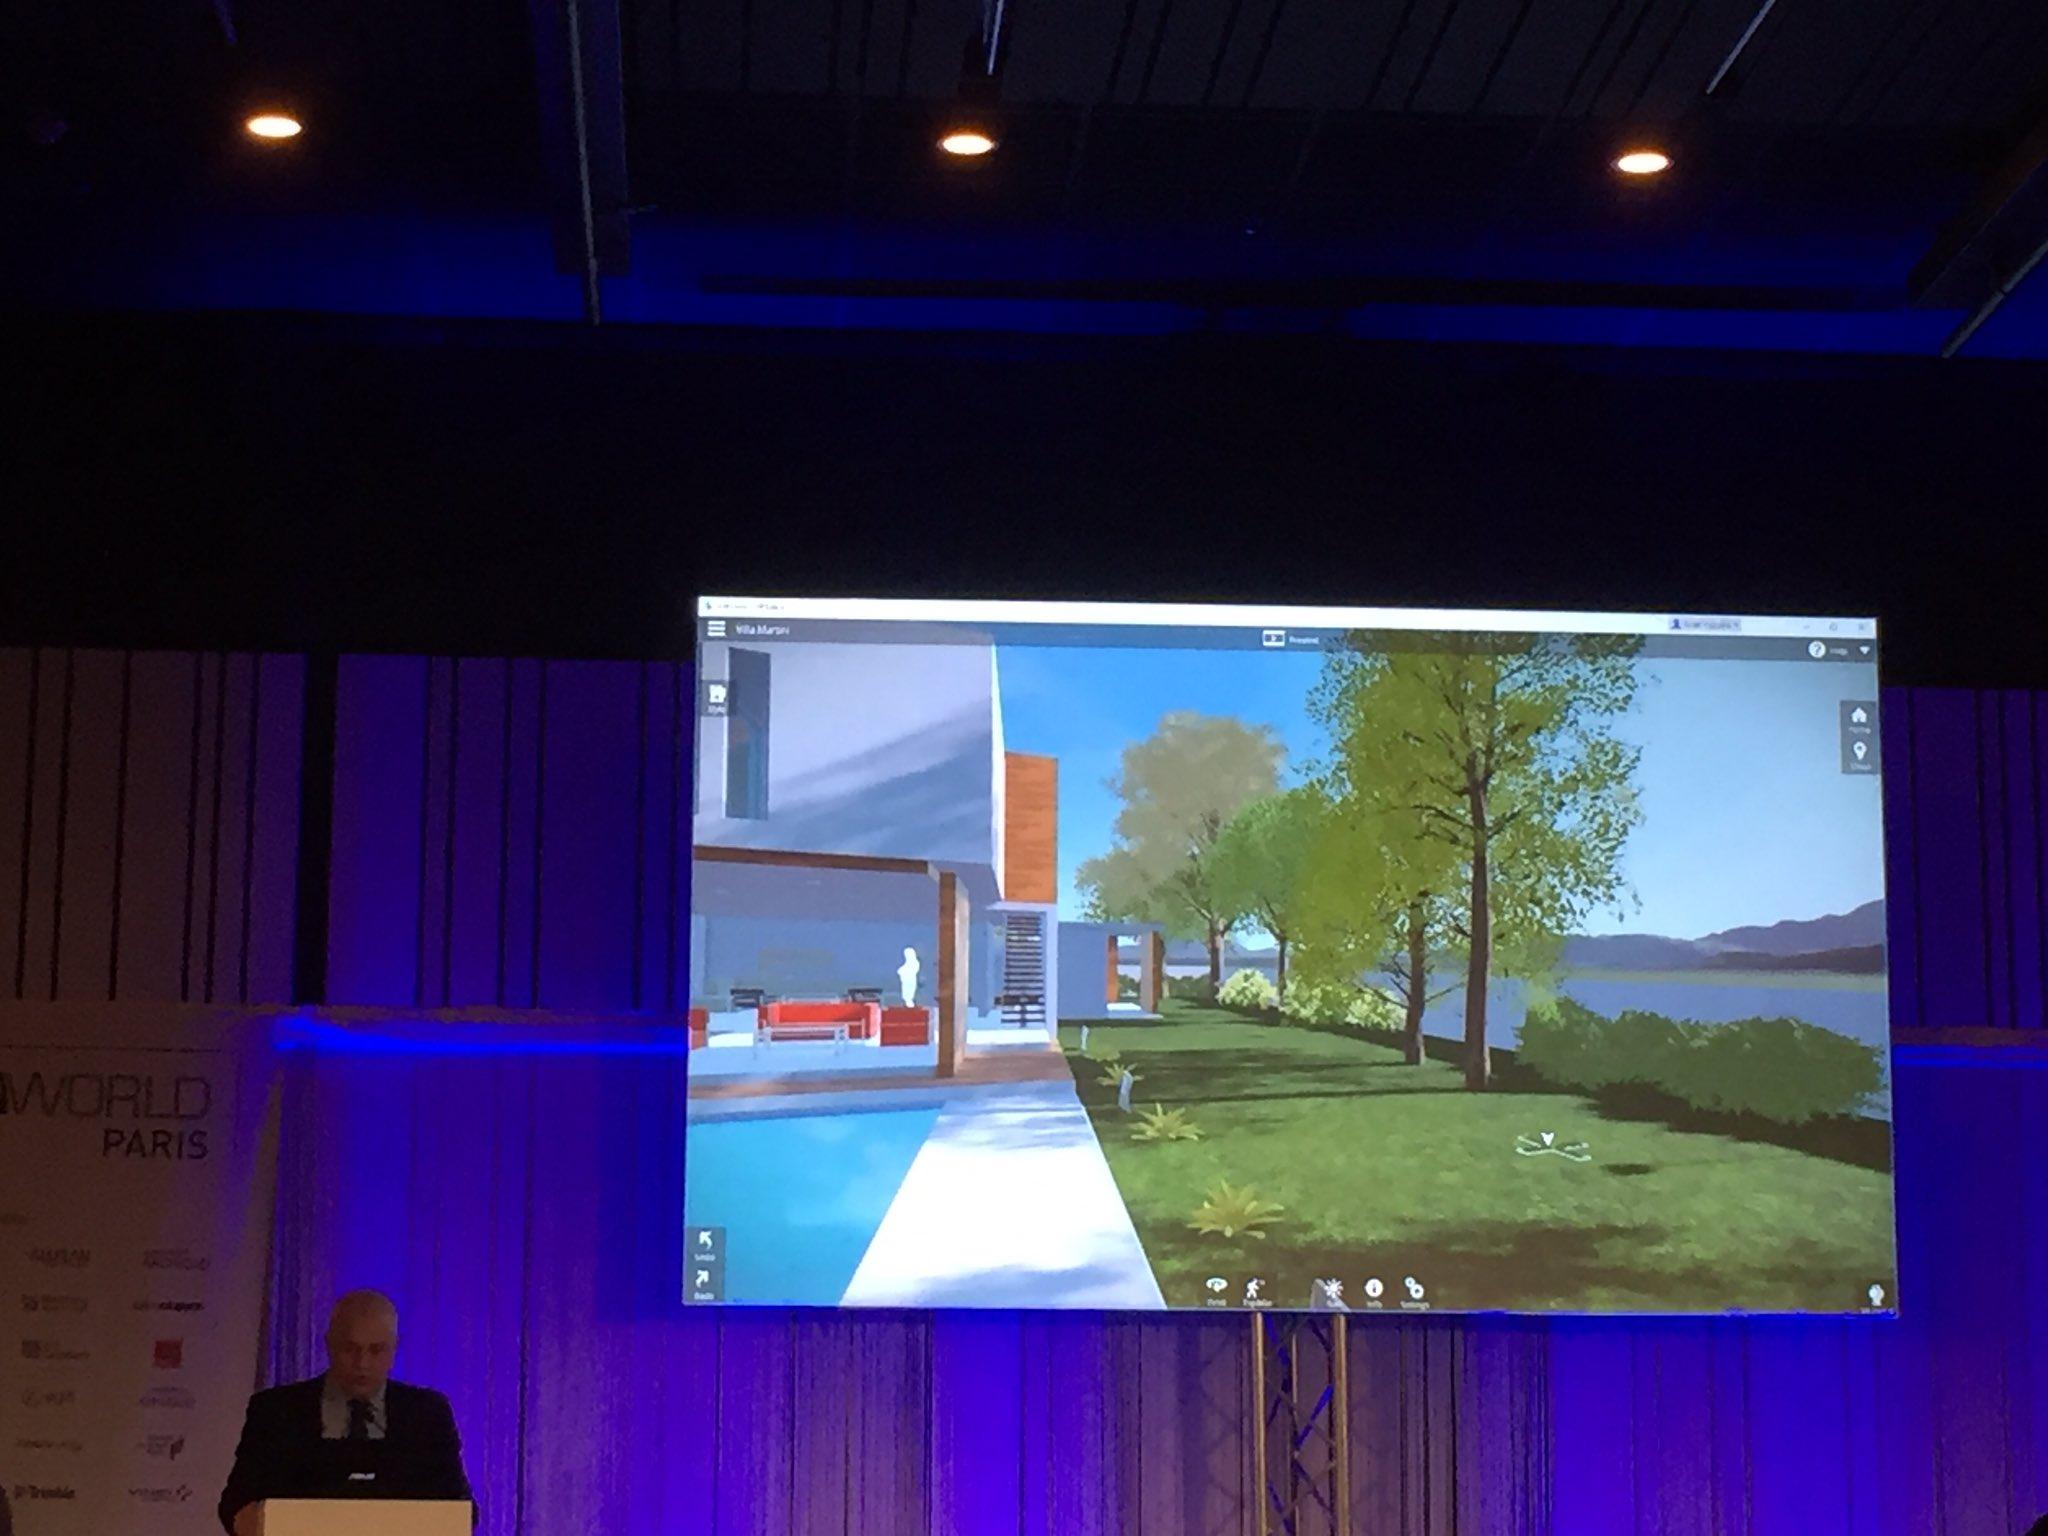 """#BIMworld """"on parle de technos de jeu vidéo pour interagir dans la maquette en temps réel"""" https://t.co/N2D8cRQQnh"""